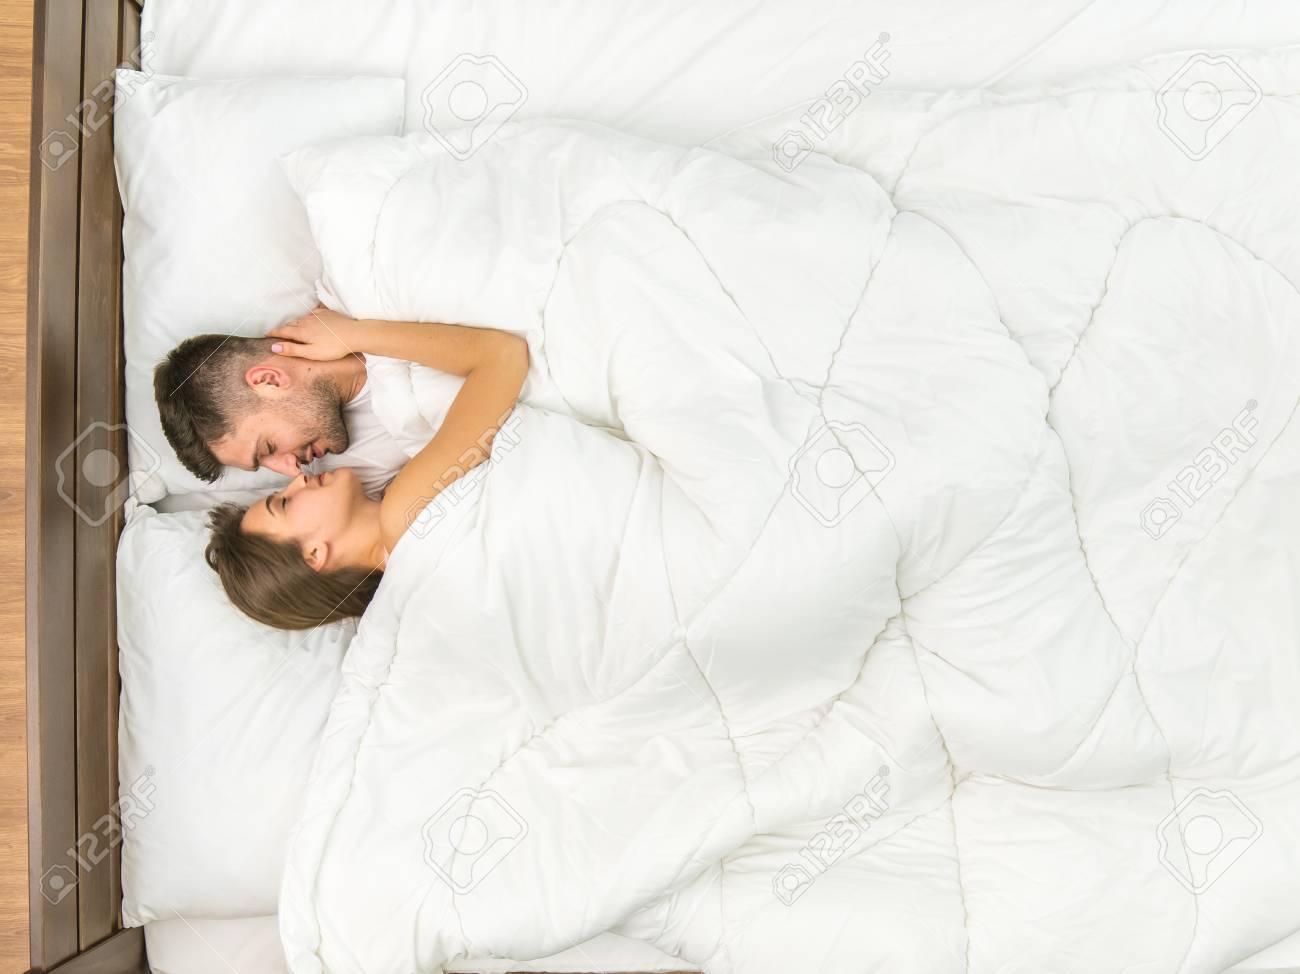 Das Paar Küsst Sich Auf Dem Bett Mit Weißer Bettwäsche Sicht Von